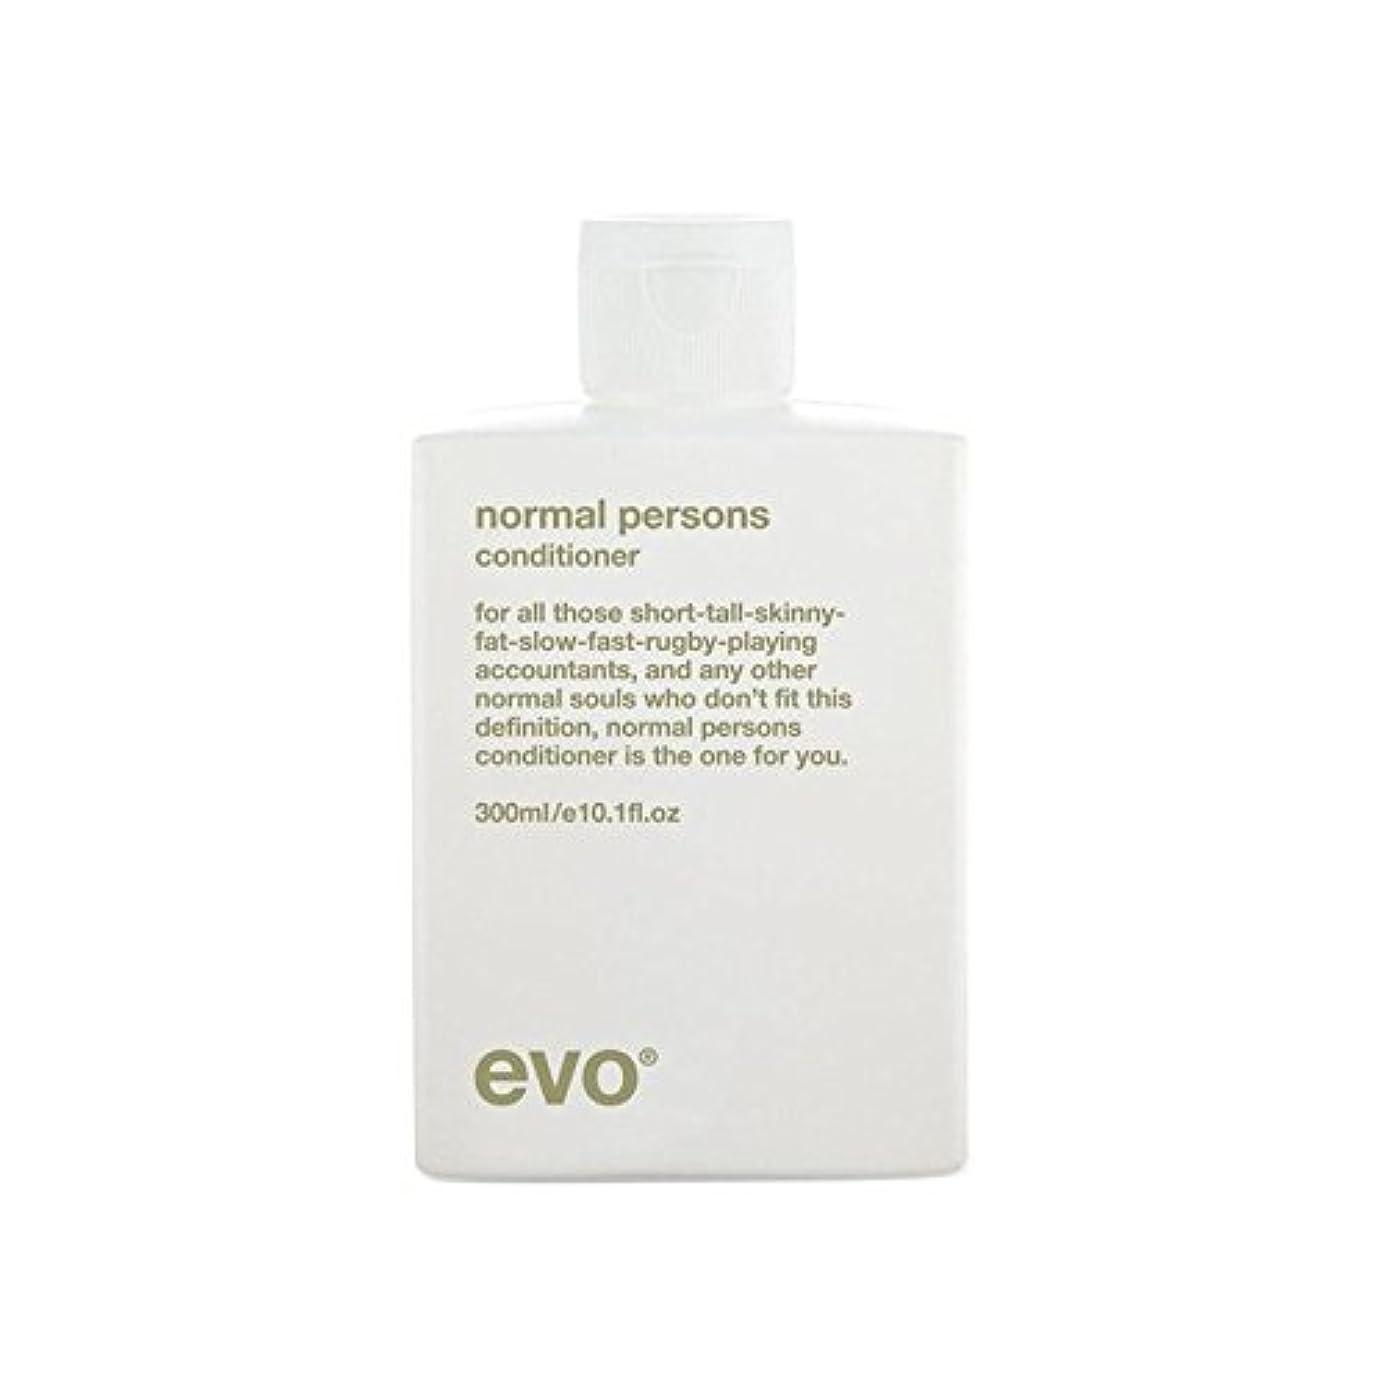 魅力ペインティングマルクス主義エボ正常人コンディショナー(300ミリリットル) x4 - Evo Normal Persons Conditioner (300ml) (Pack of 4) [並行輸入品]